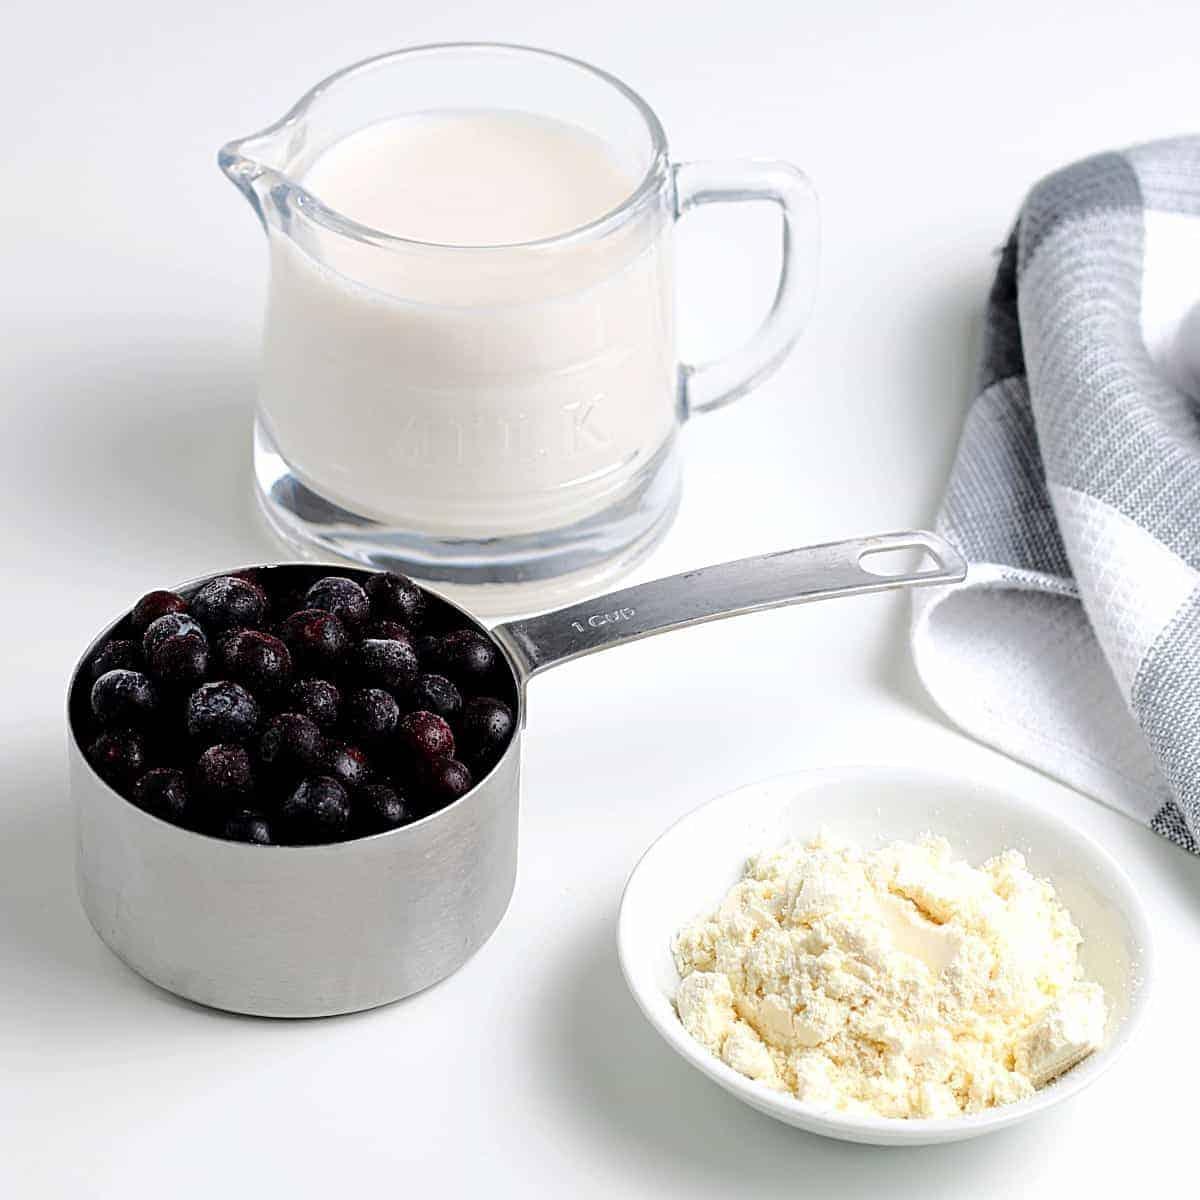 Three ingredients of blueberries, dairy free milk and vanilla protein powder.